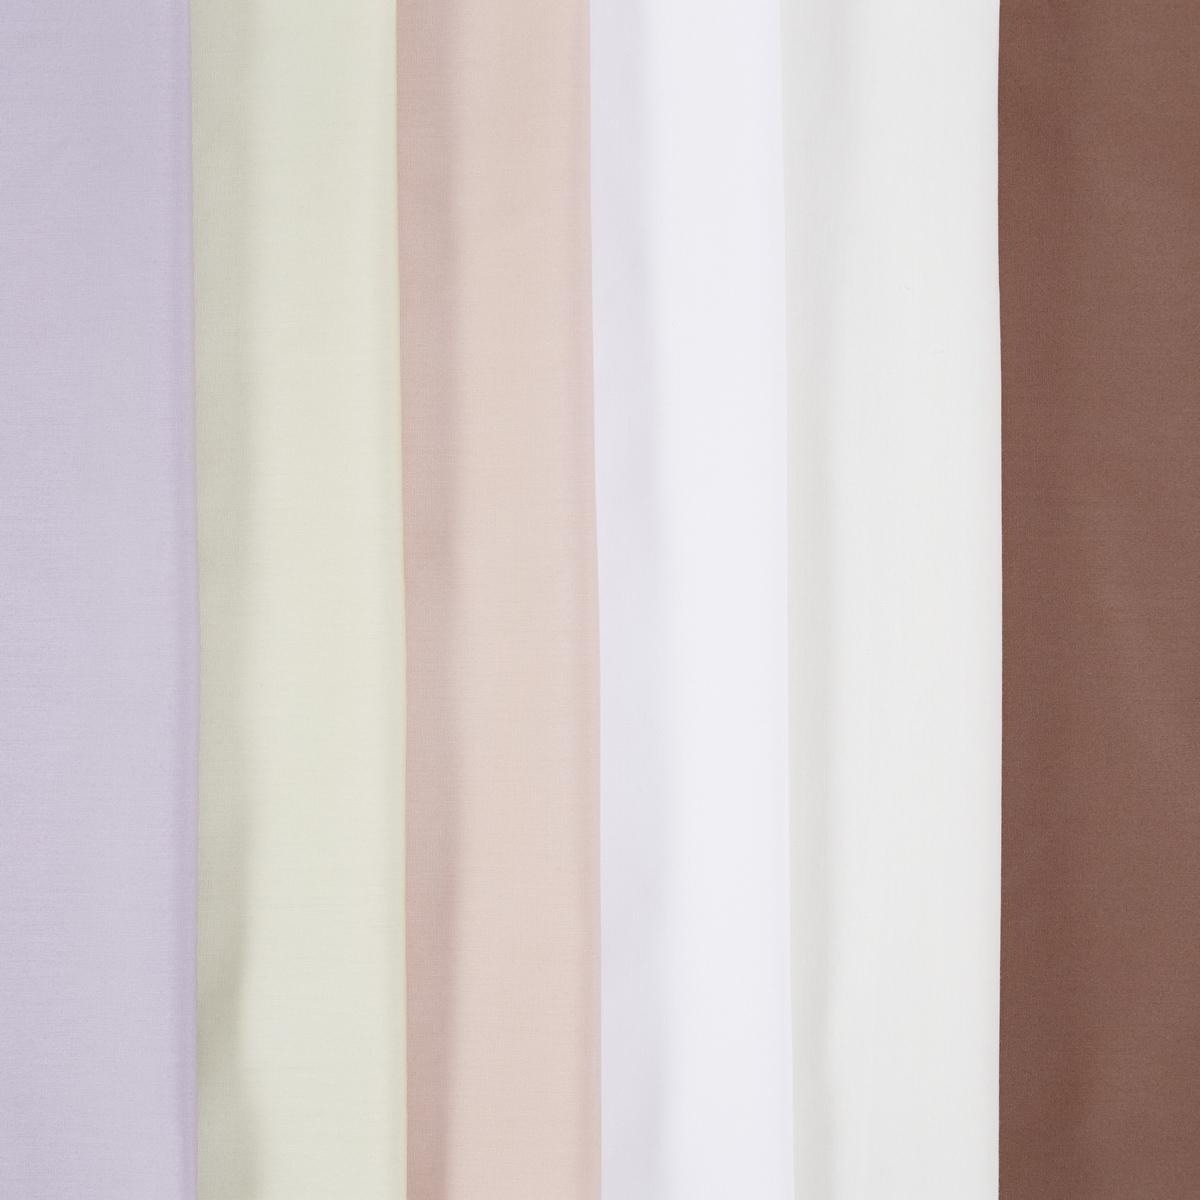 深い眠りを叶えてくれる「羽毛布団」|掛け布団カバー(ワイドダブルサイズ)| 羽毛の保温力を体に伝えてくれる「スーピマコットン」(クラウズ羽毛布団専用)